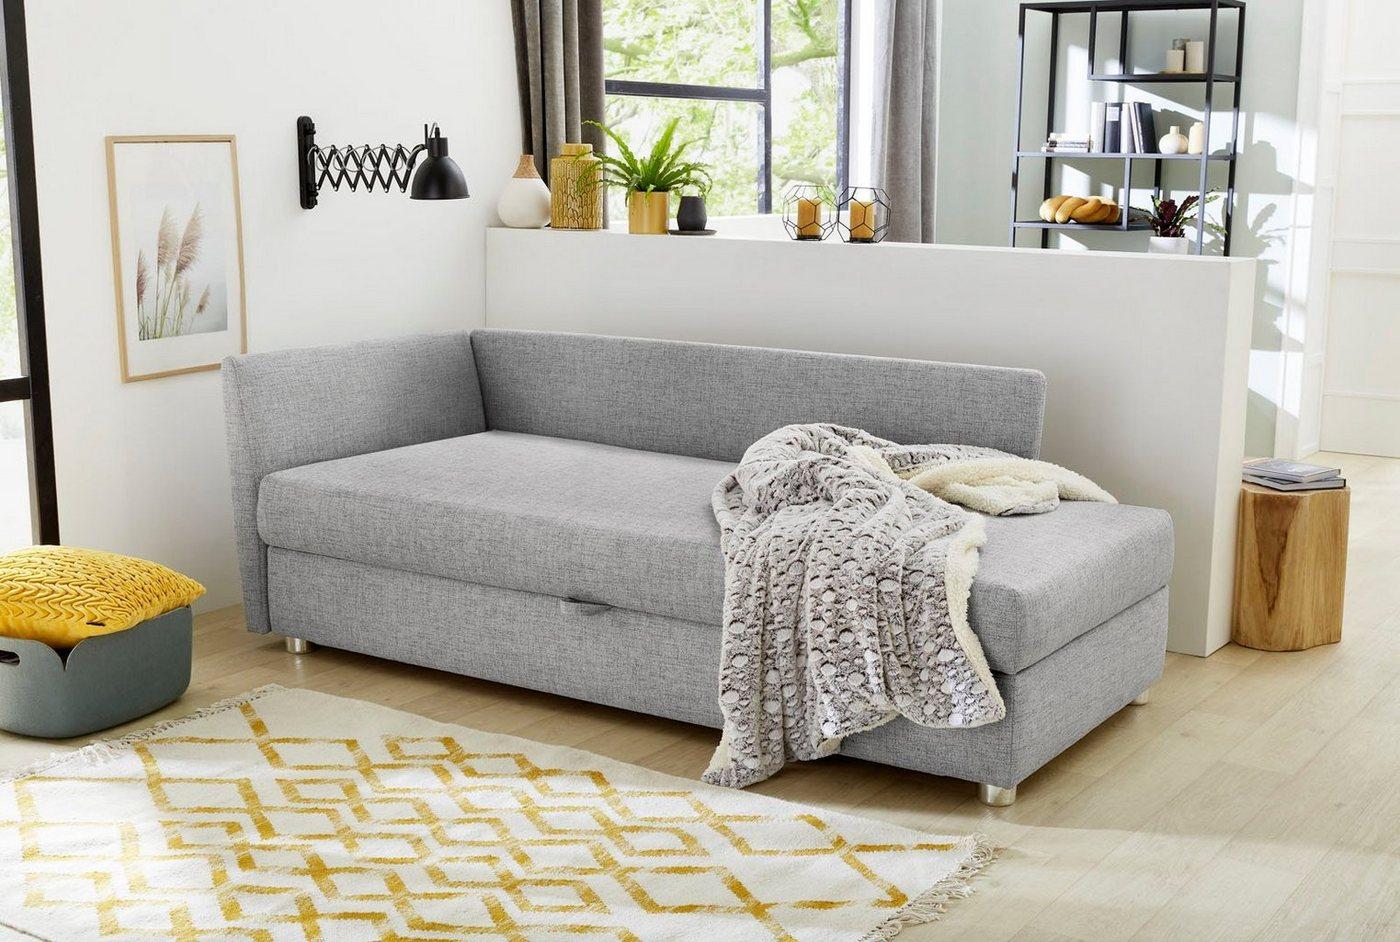 Relaxliege, mit Federkern, Material Kunststoff, Polyester, Baumwolle, Jocke günstig online kaufen